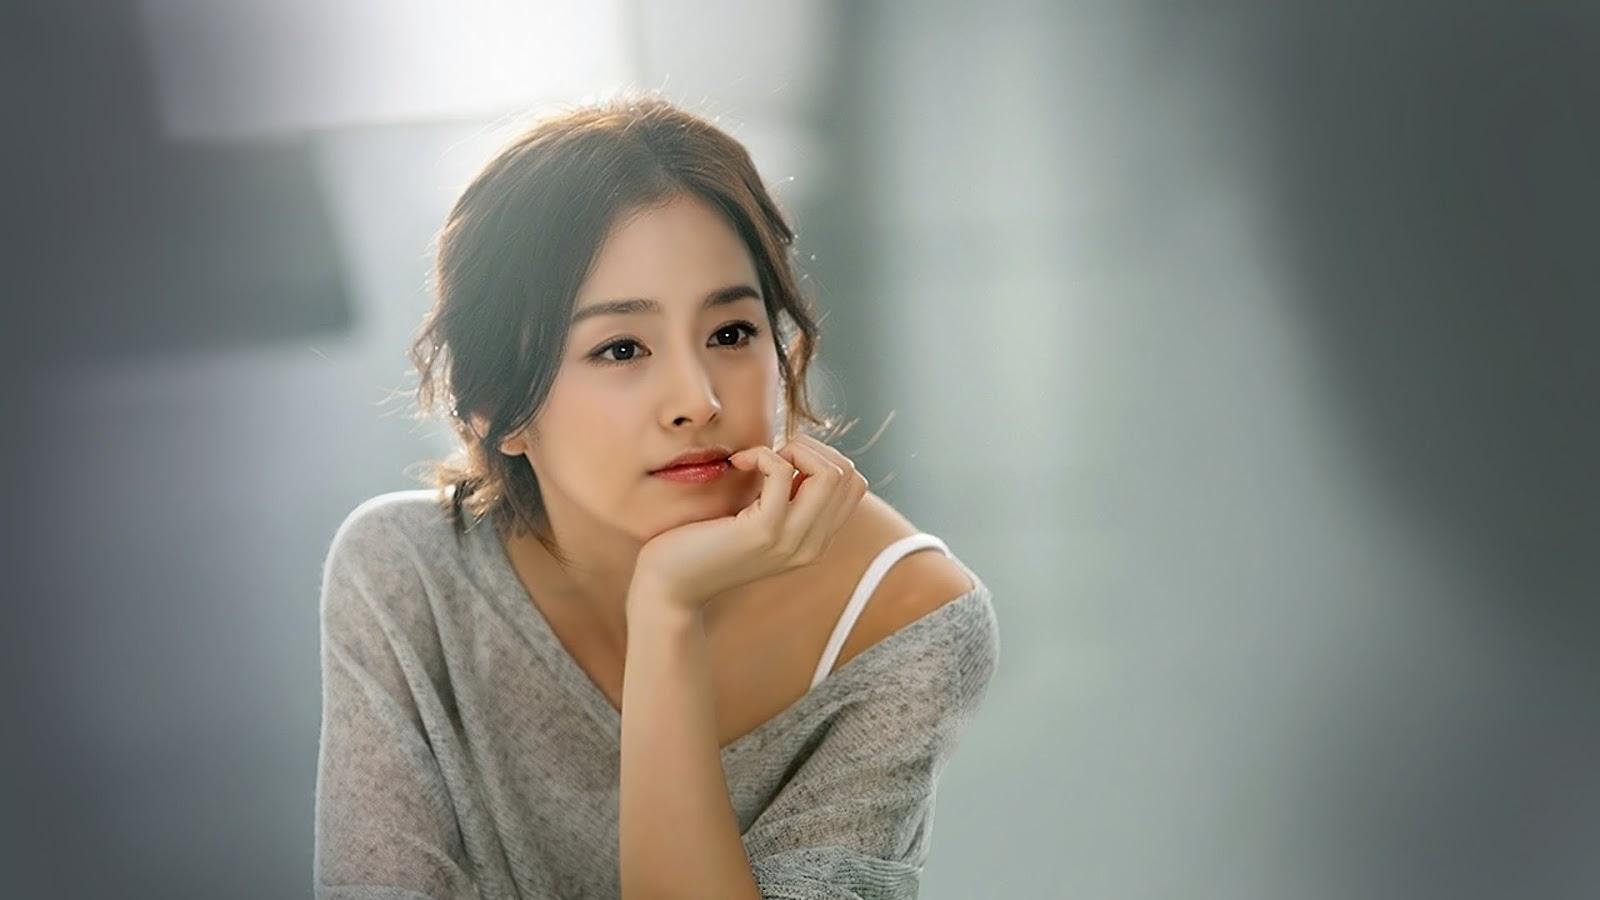 cewek manis dan seksi Biodata Kim Tae Hee